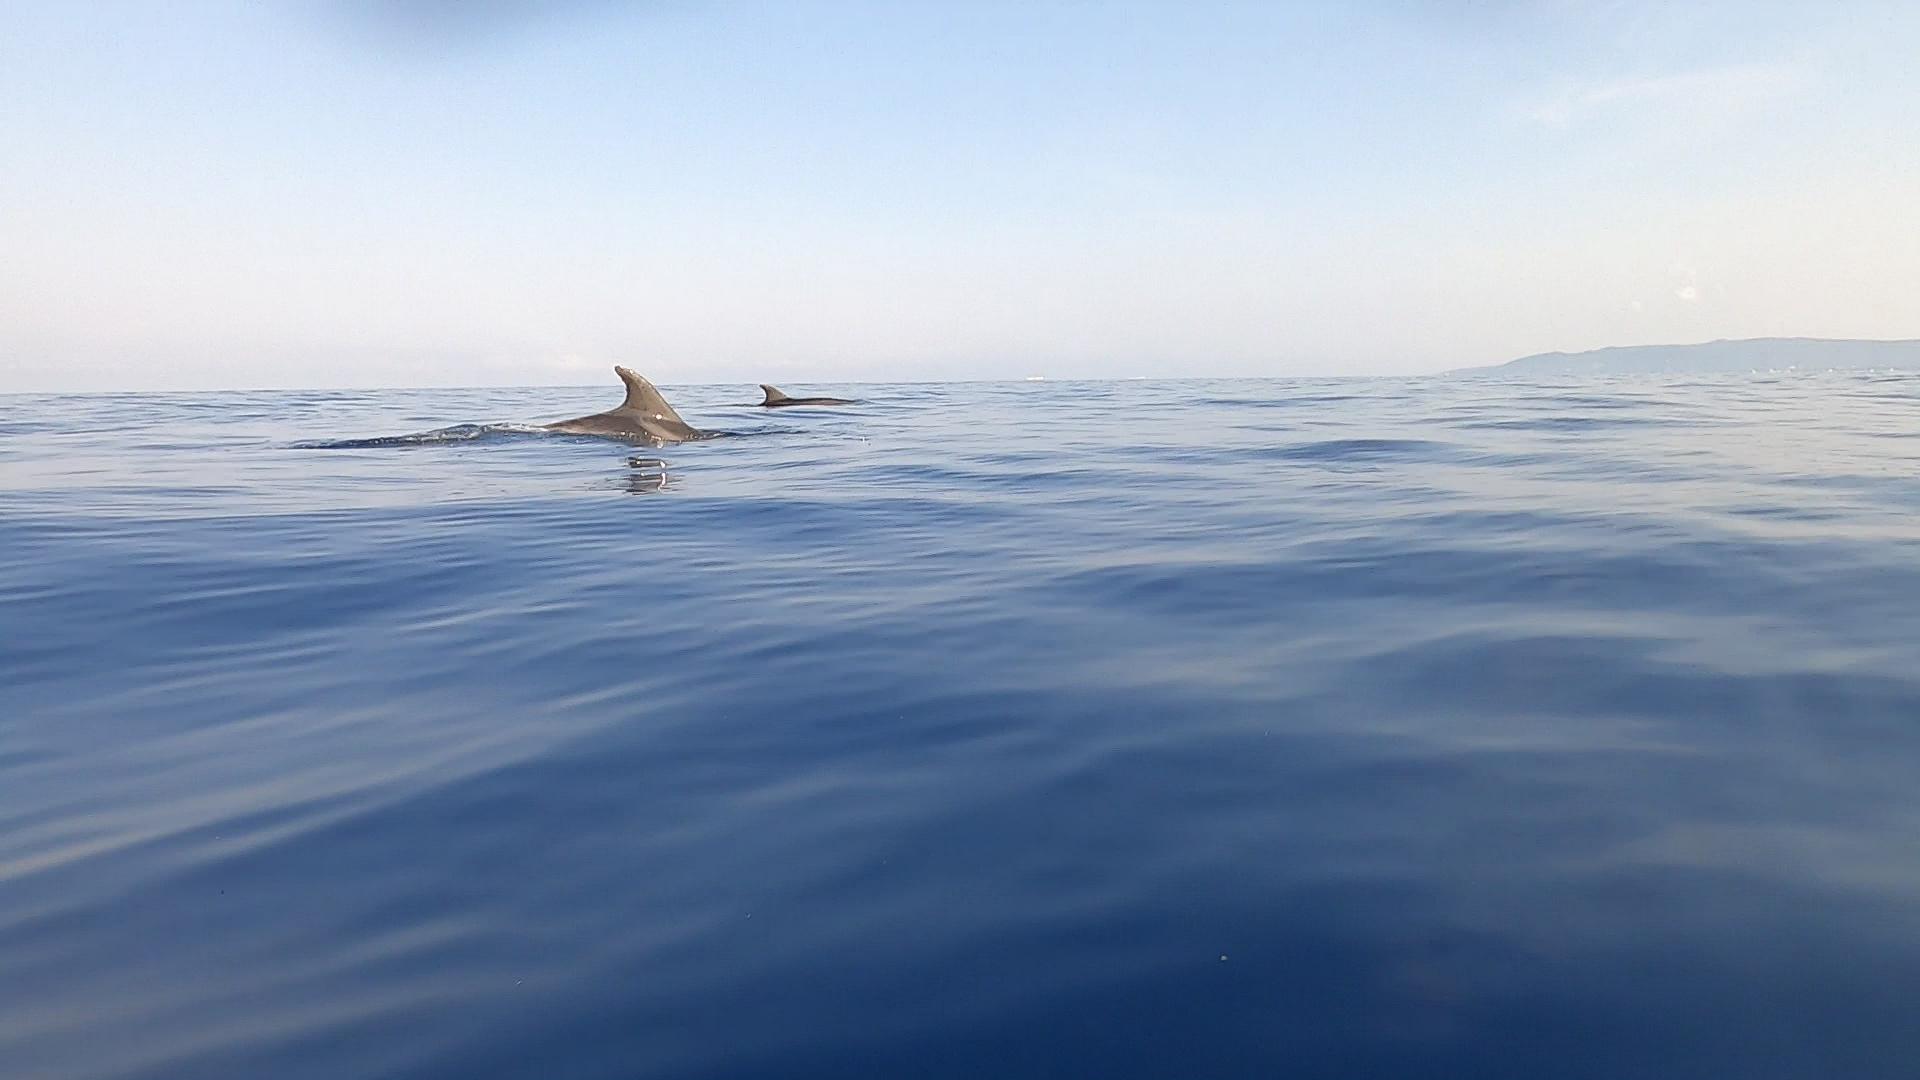 Santuario cetacei Delfini Tursiops truncatus intotheblue.it